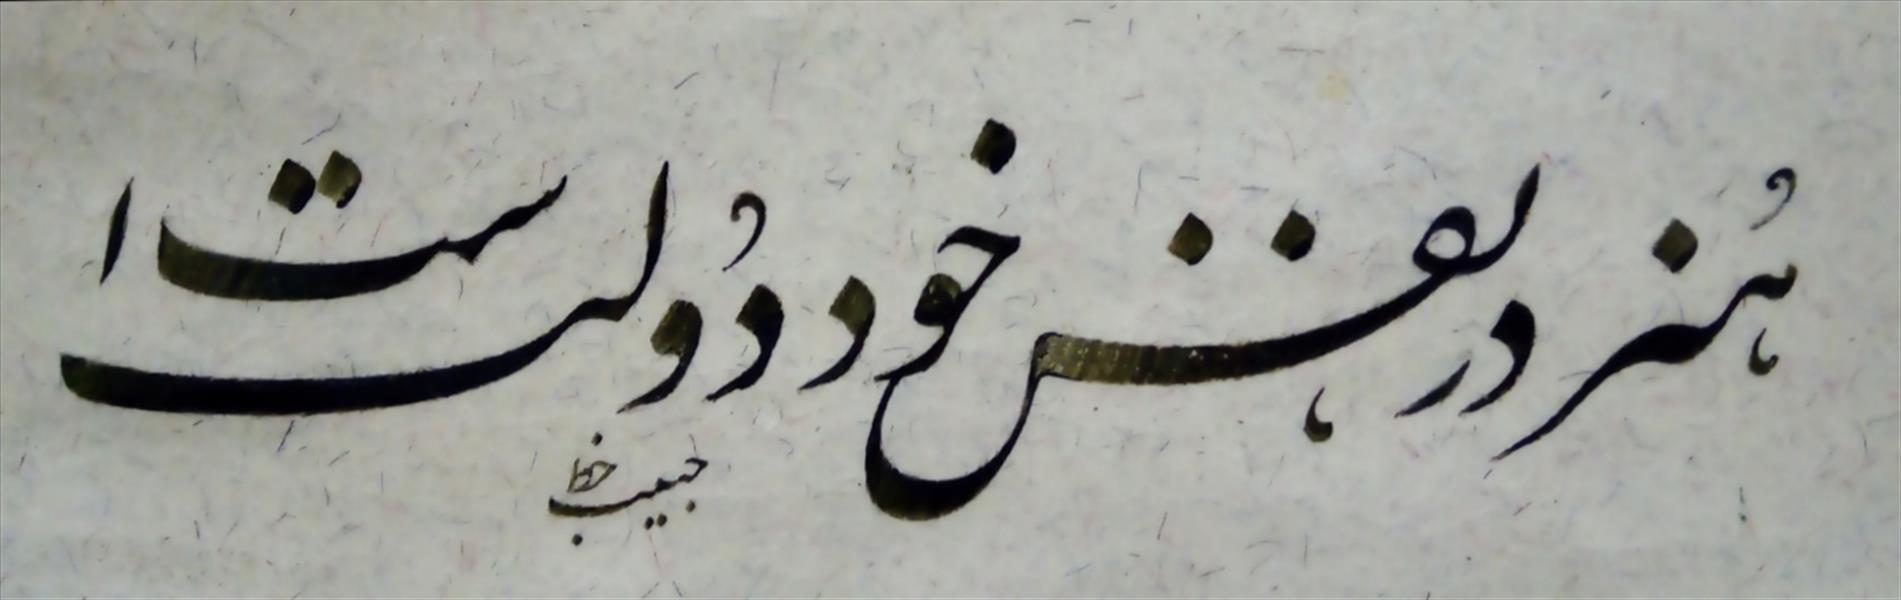 هنر خوشنویسی محفل خوشنویسی (Hghgallery(Habib Ghanbari هنر در نفس خود دولت است خوشنویسی حبیب قنبری 1399 مرکب ترکیبی سبز و قلم 7 میلیمتر و کاغذ اهار مهره